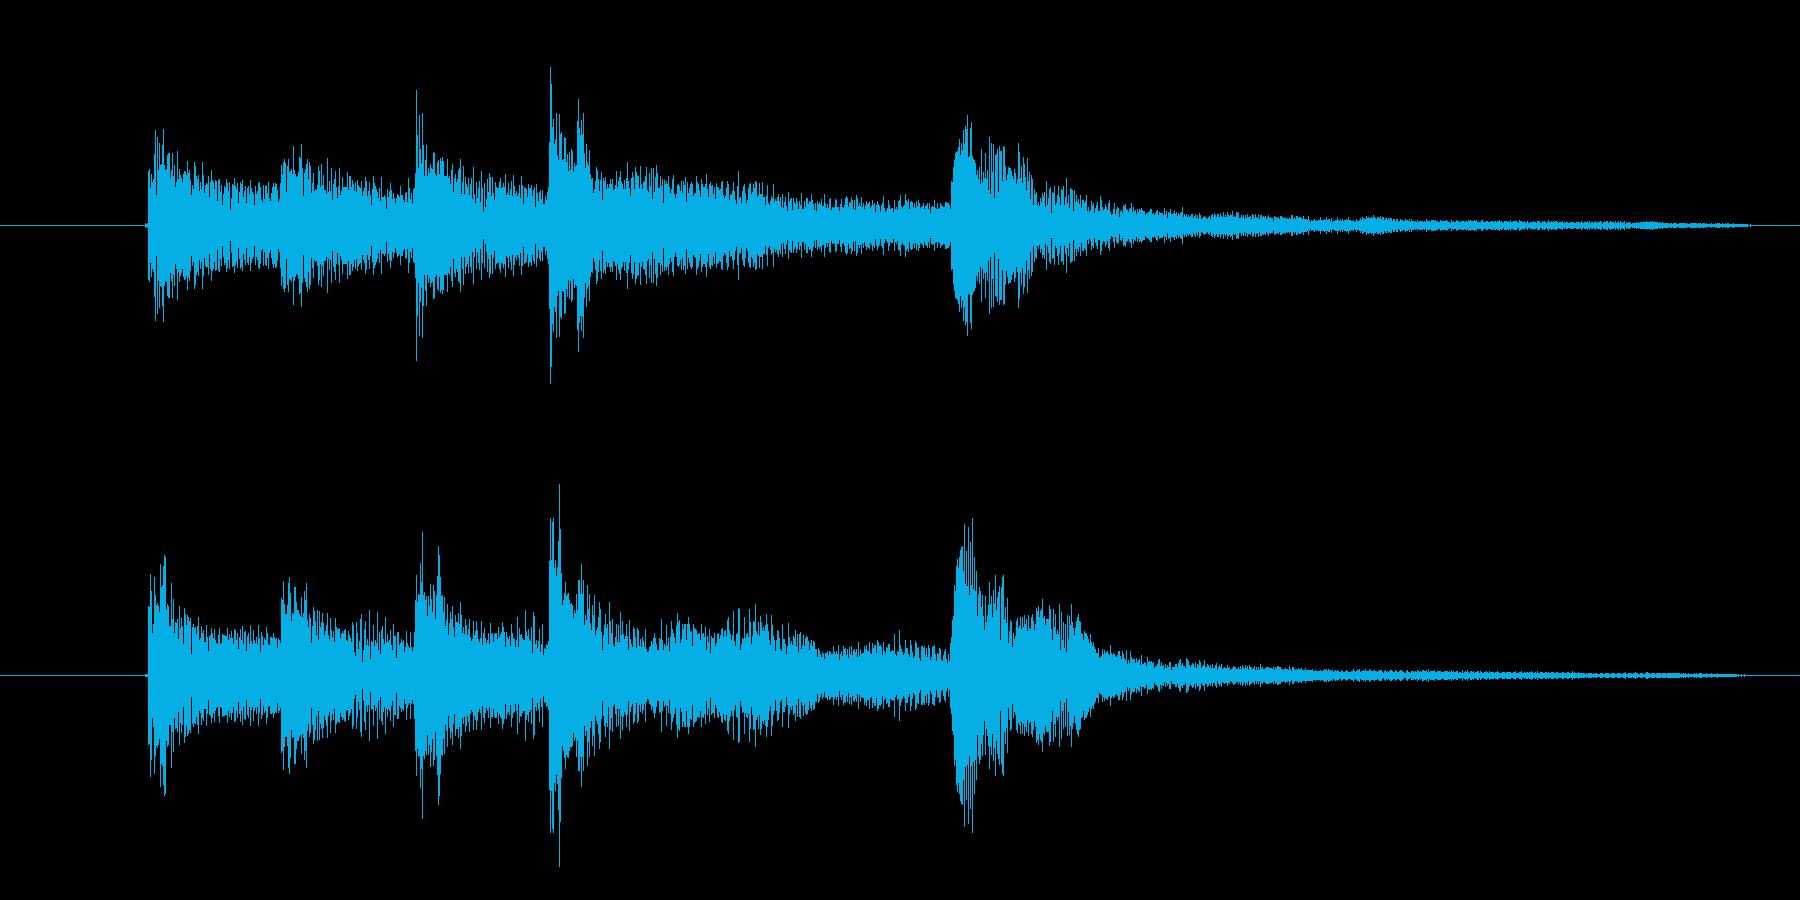 『ありがとぅ』の効果音です。の再生済みの波形